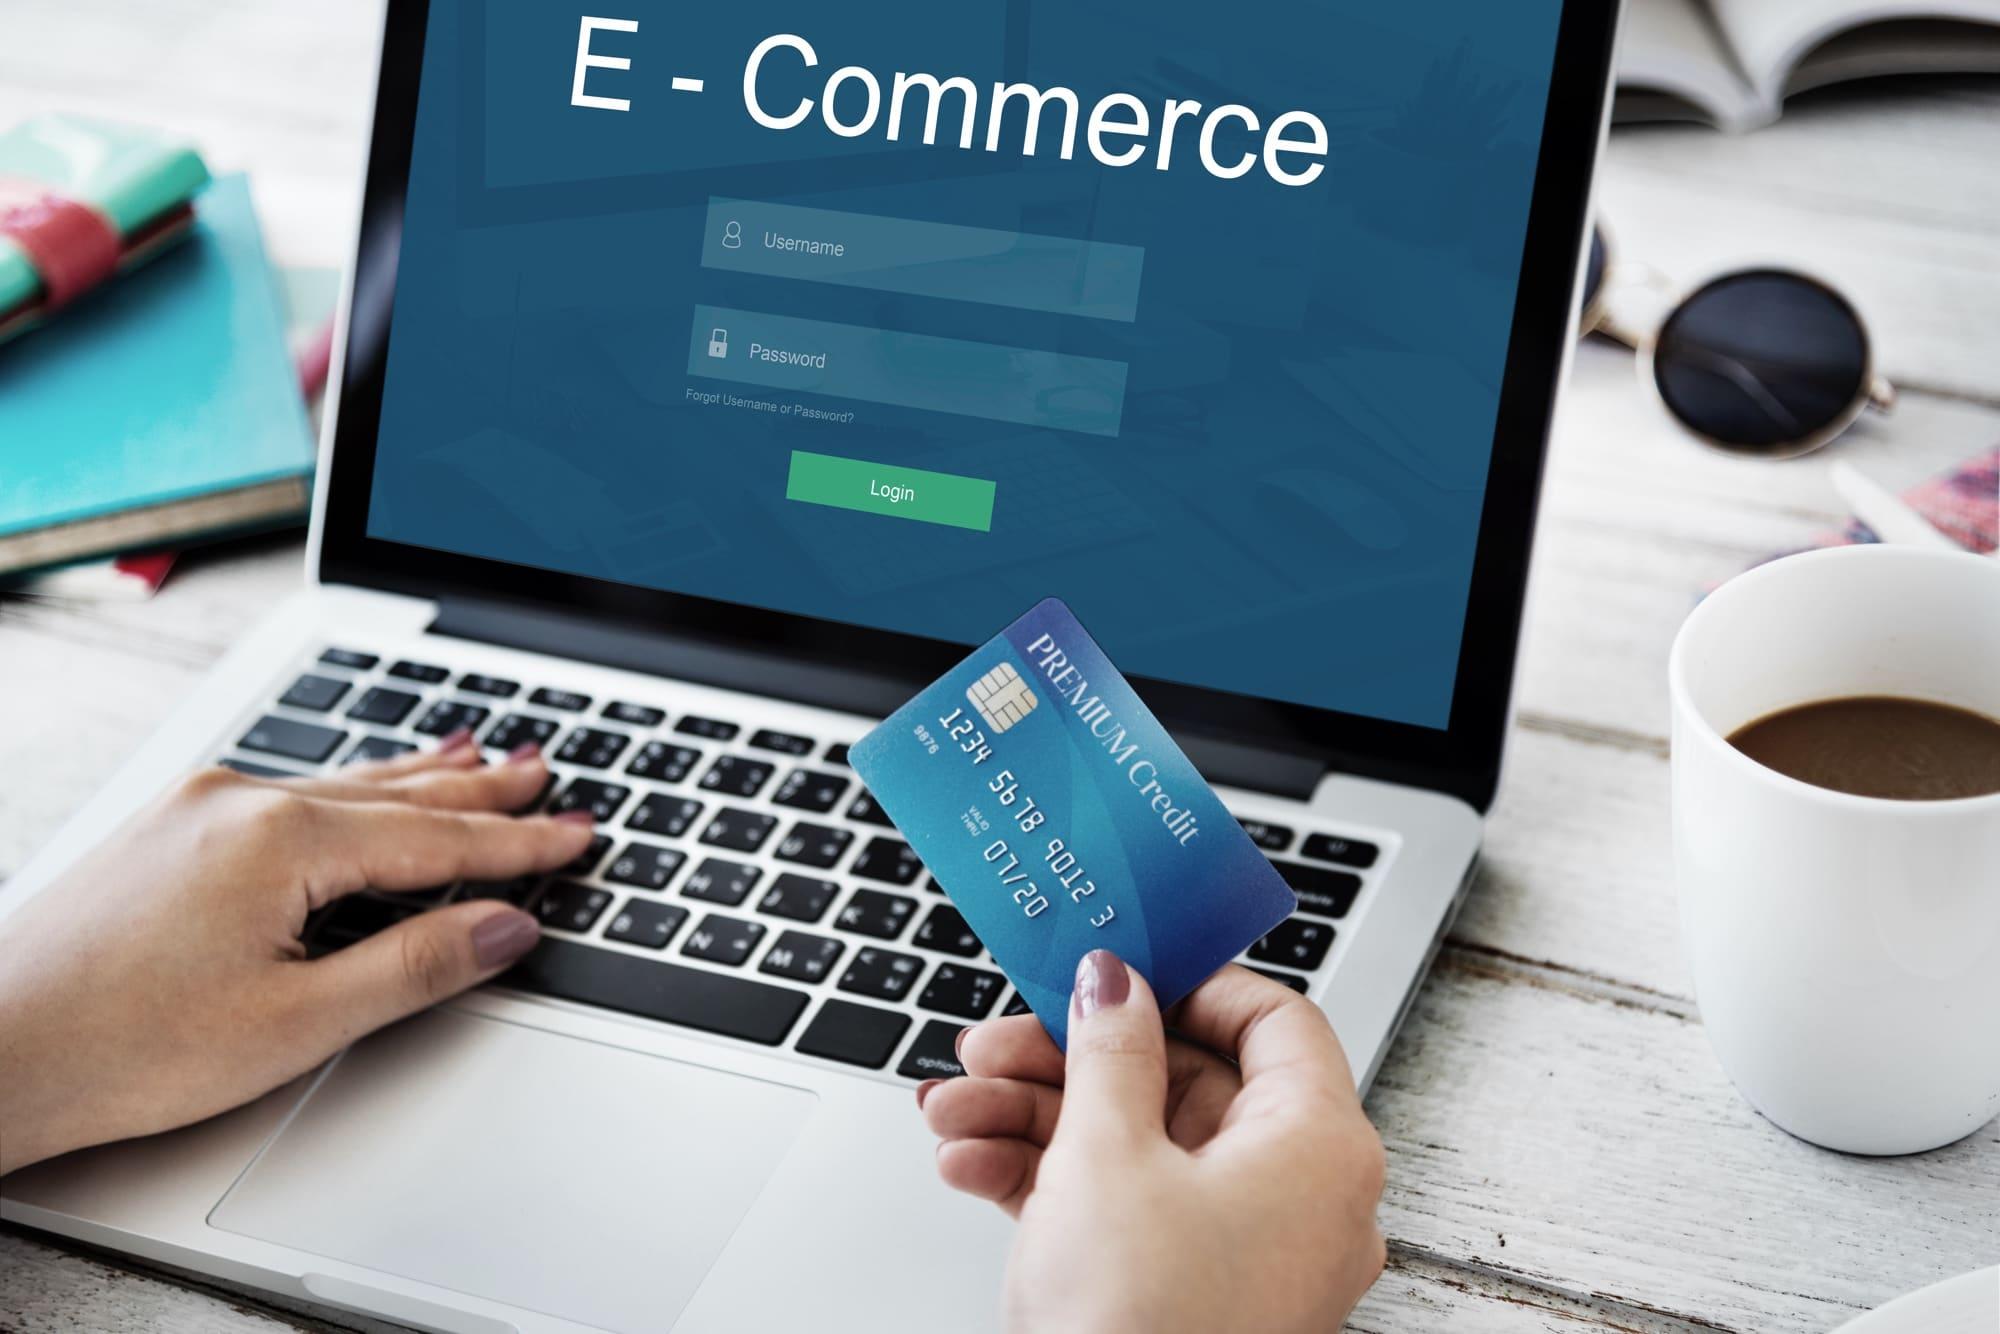 Tunisie : La Tunisie est le 3ème pays africain en matière de commerce électronique